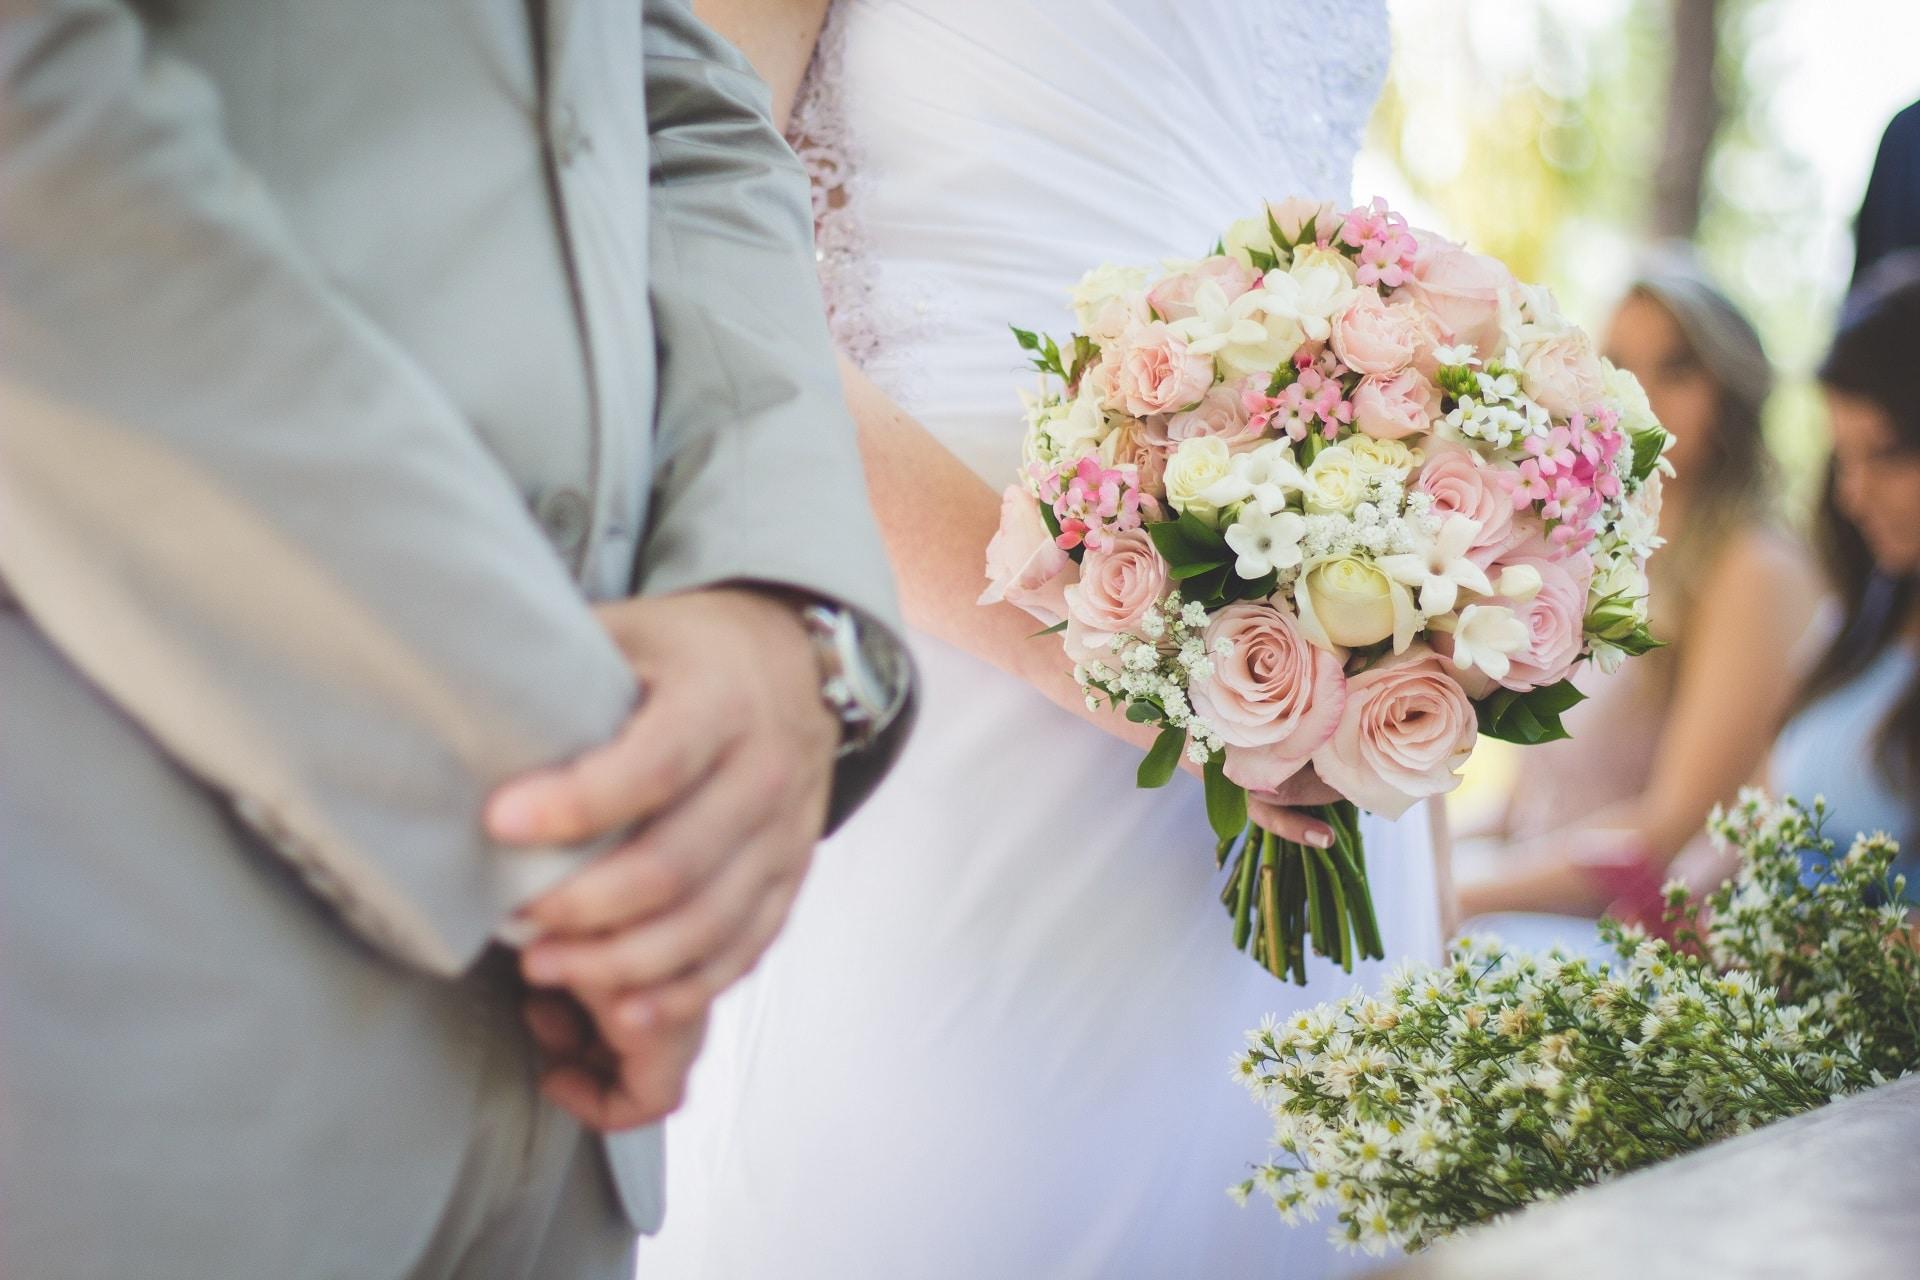 Notre coeur de métier est de créer et de célébrer les évènements heureux de la vie tel qu'un mariage. Donner vie à vos émotions en y mettant des mots, c'est notre super job.